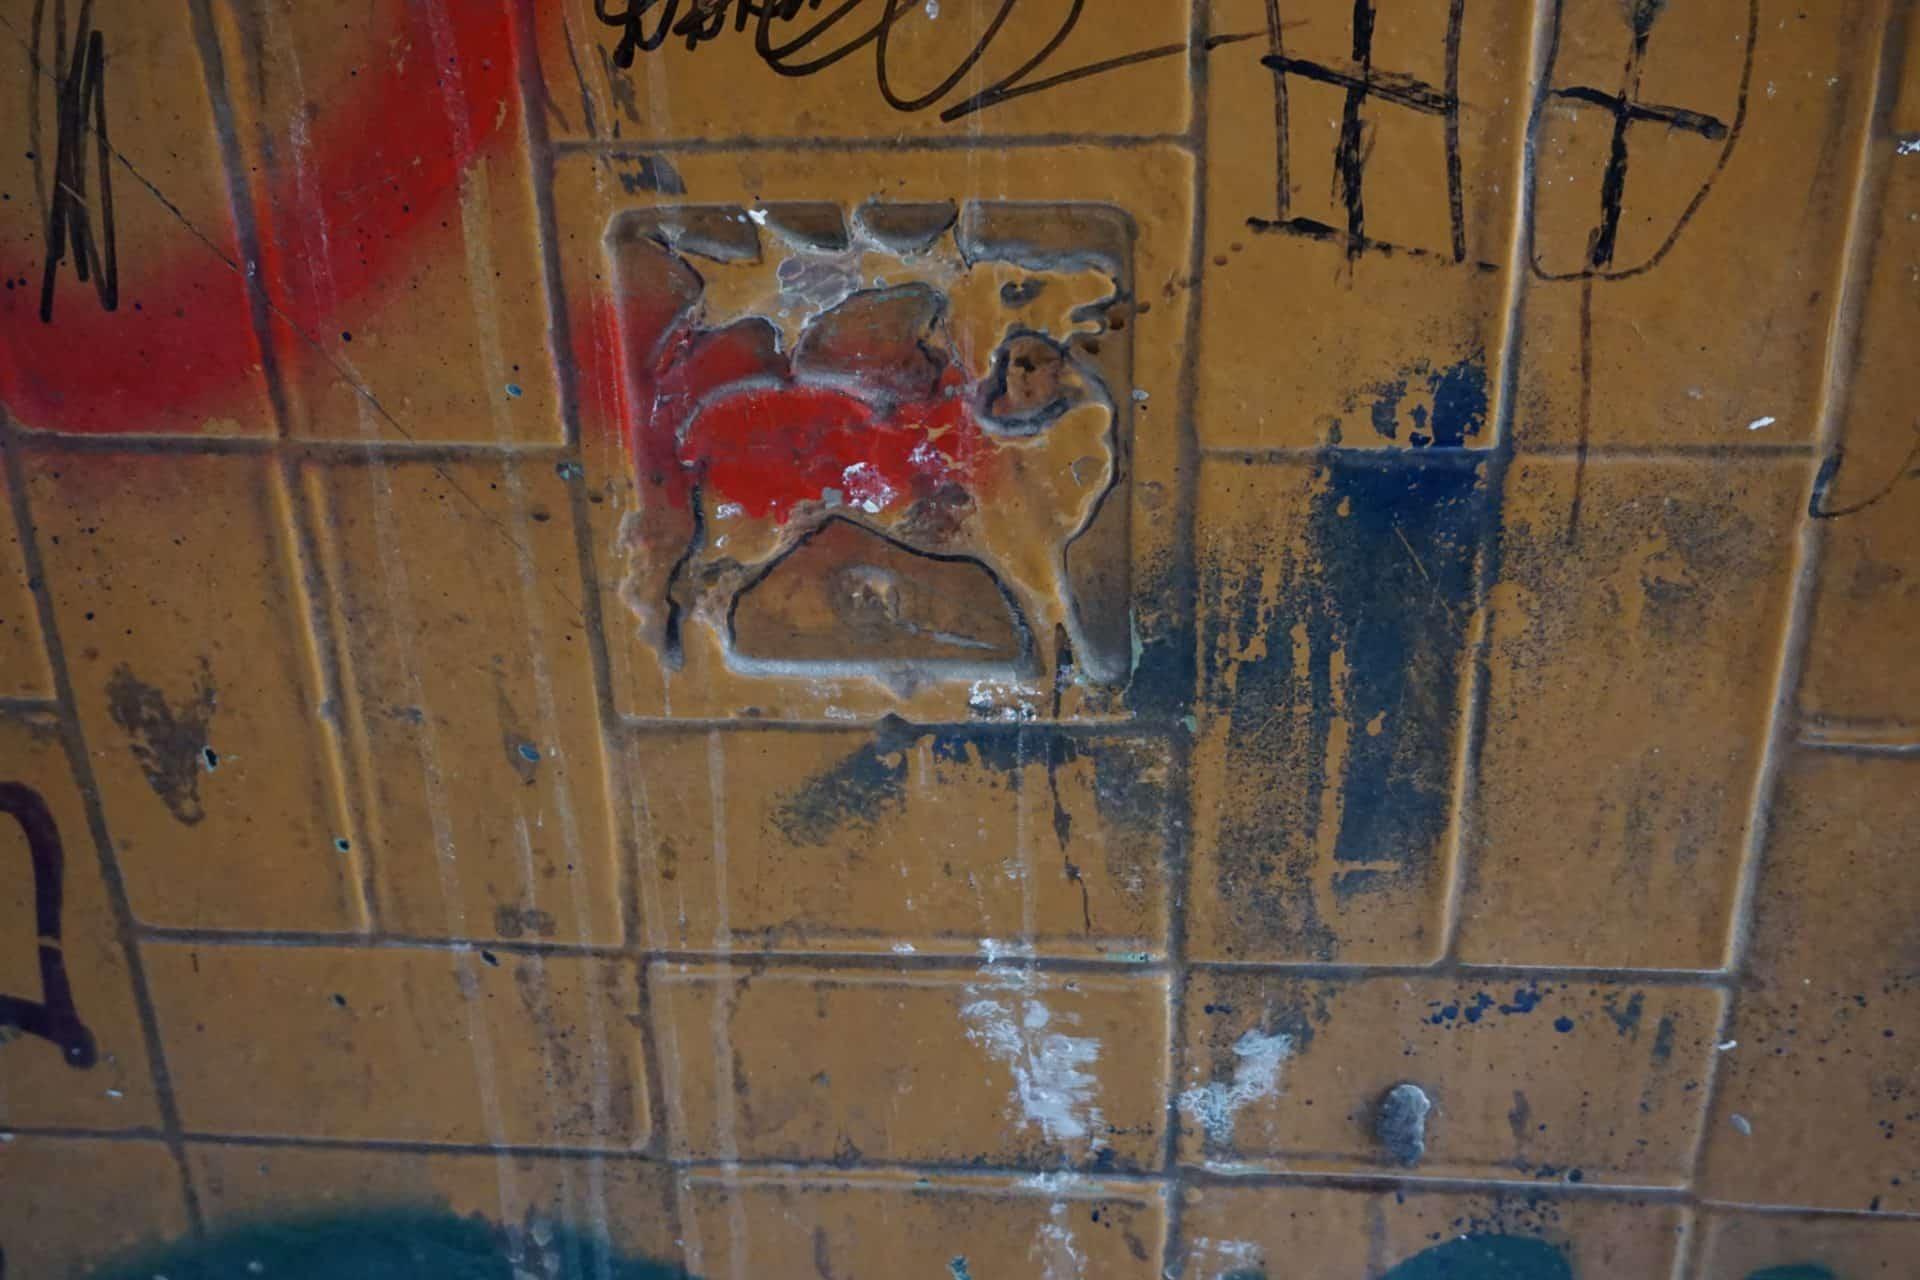 Secesyjne kafle na ścianie kamienicy przy Kilińskiego we Wrocławiu przed renowacją. Piotr Pelc